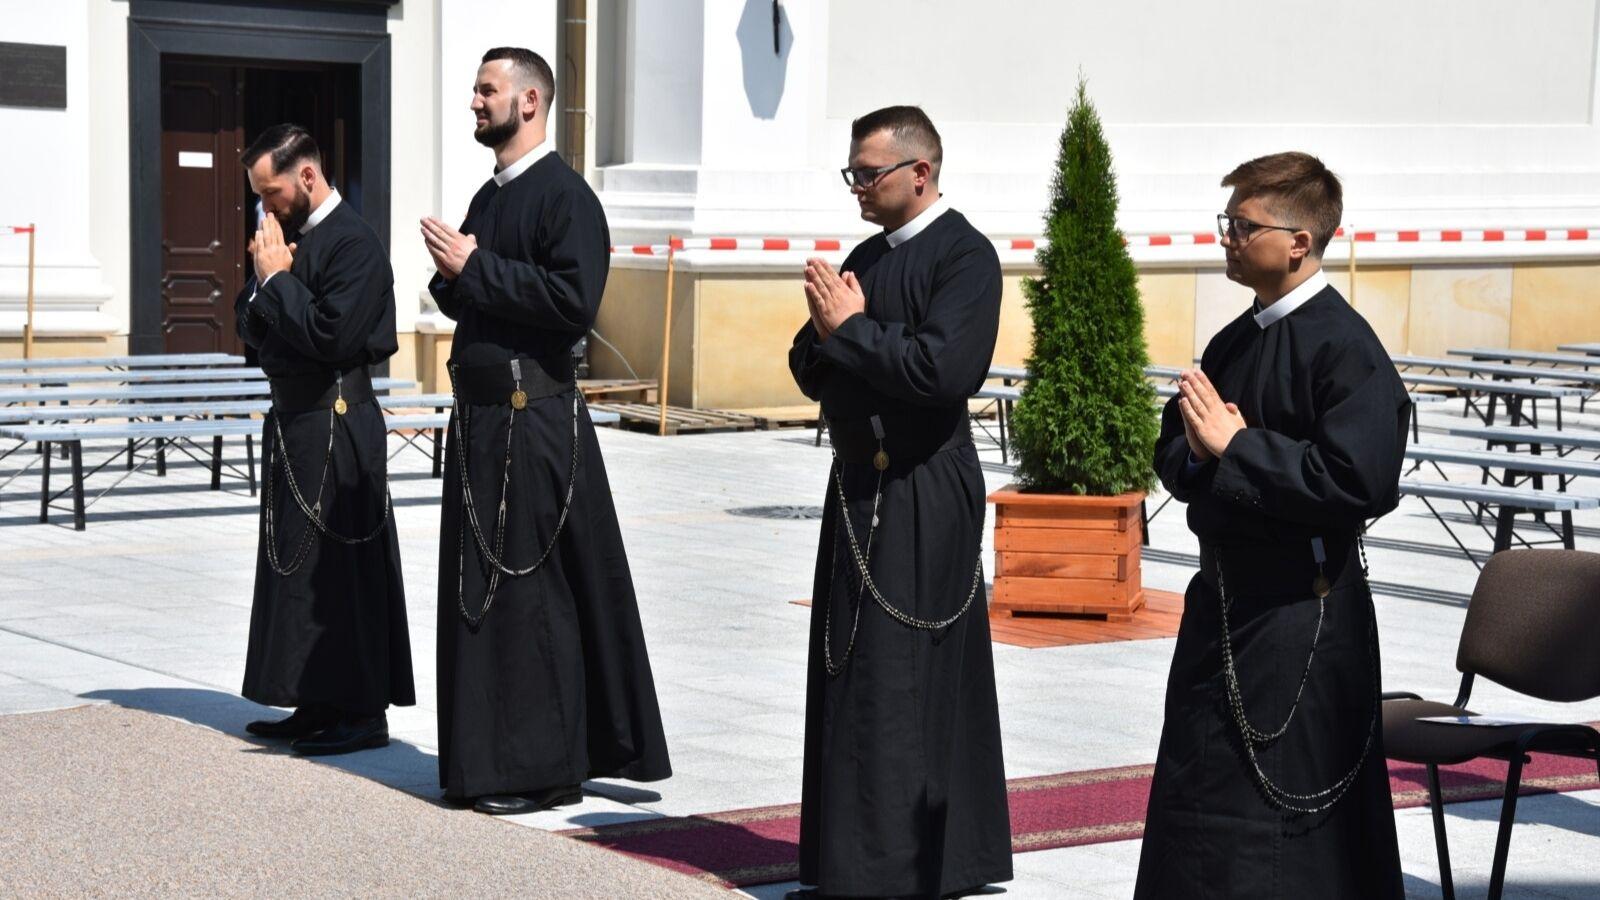 Zaproszenie naświęcenia kapłańskie 2021